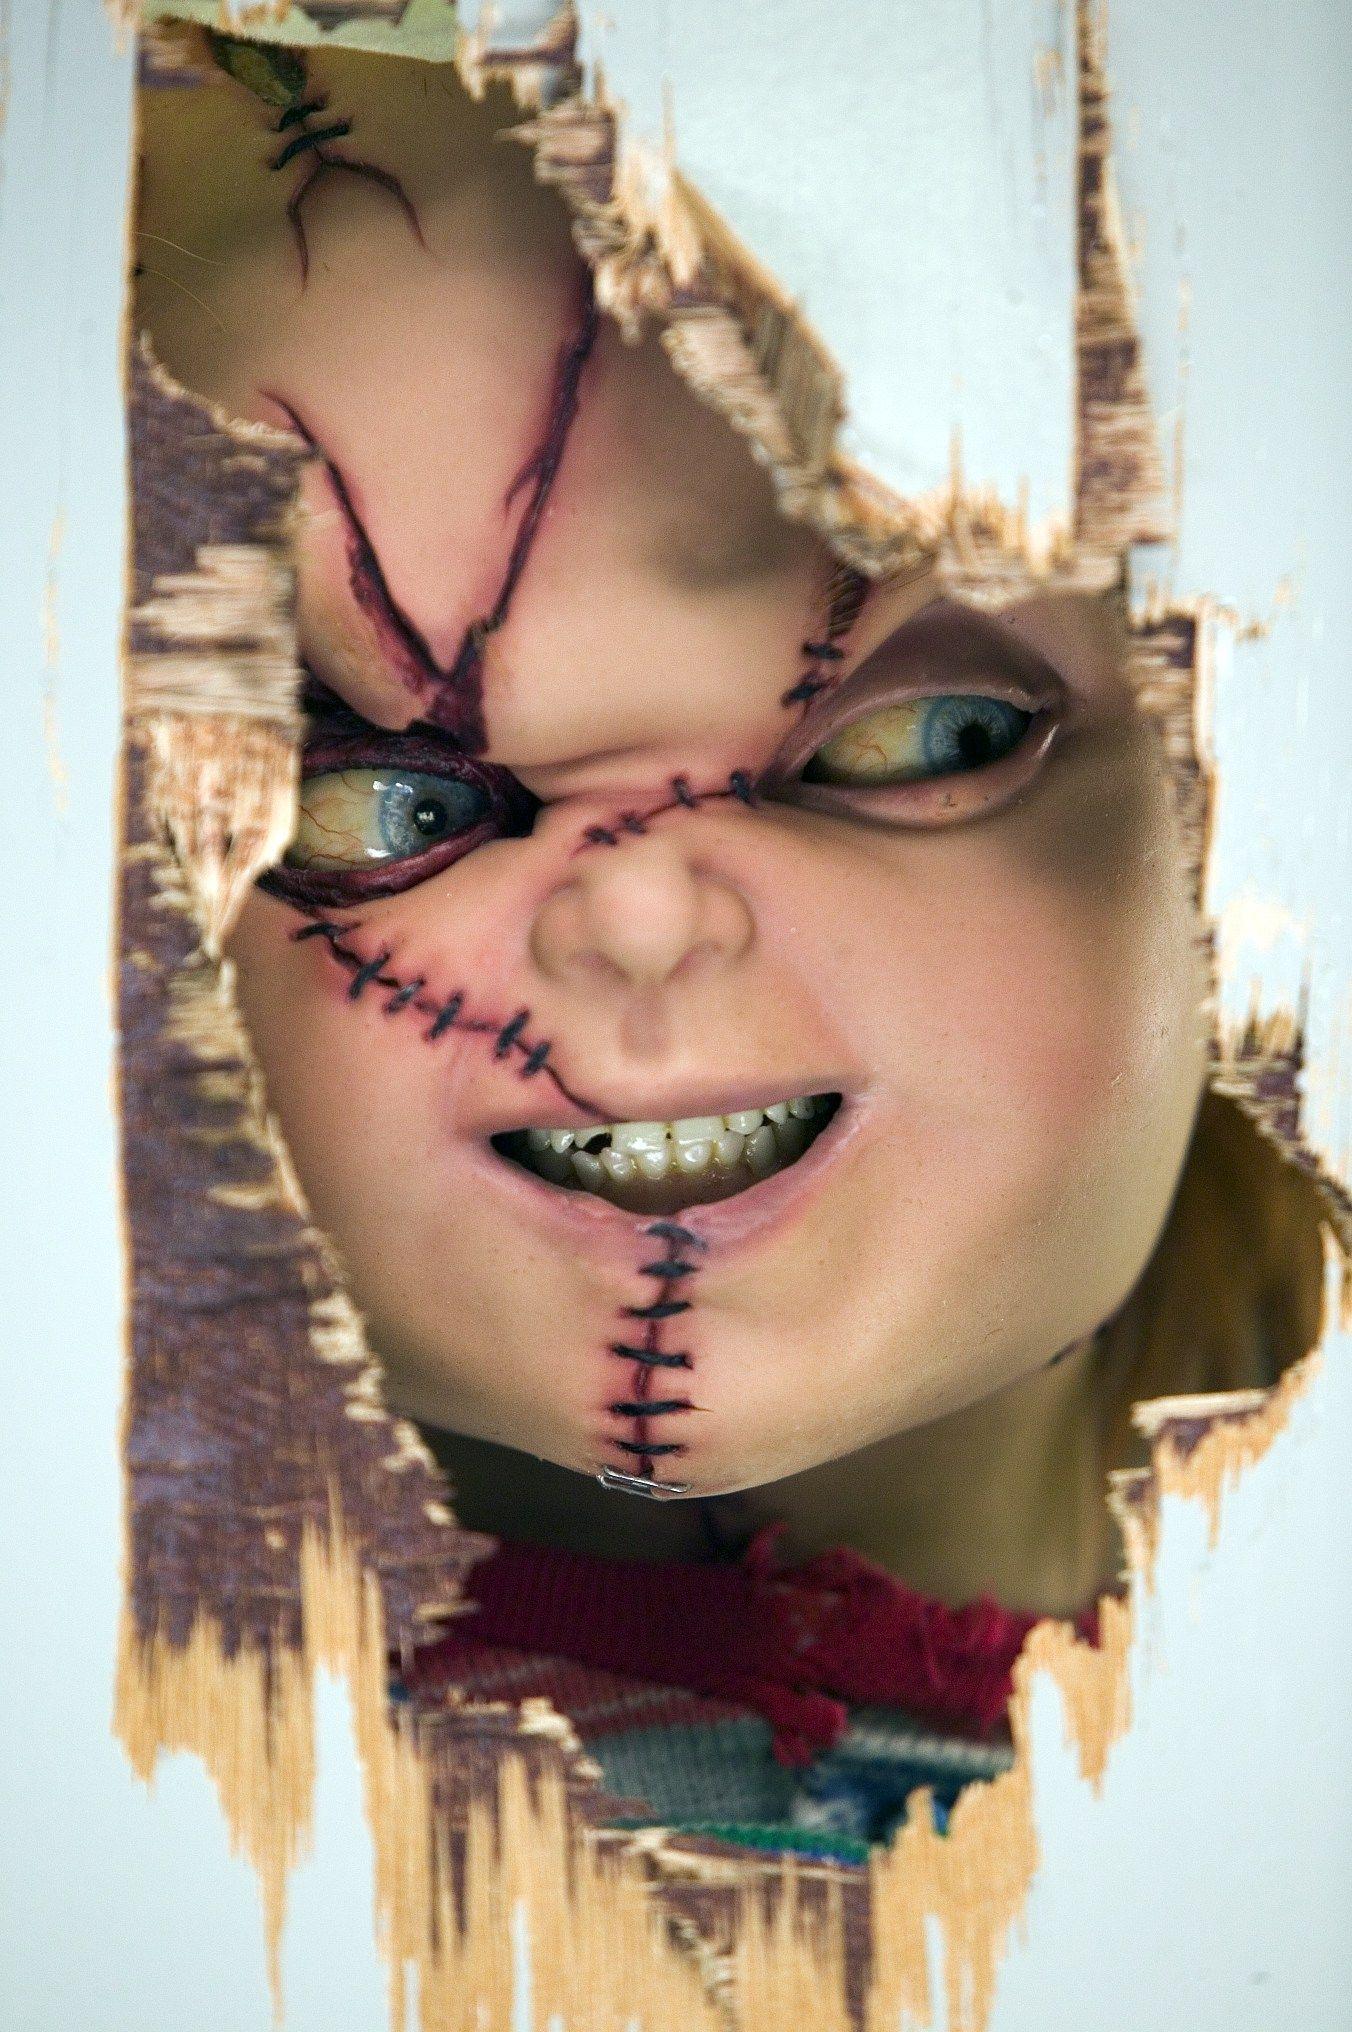 A maldi o de chucky horreur film horreur et dessins de personnages - Personnage film horreur ...